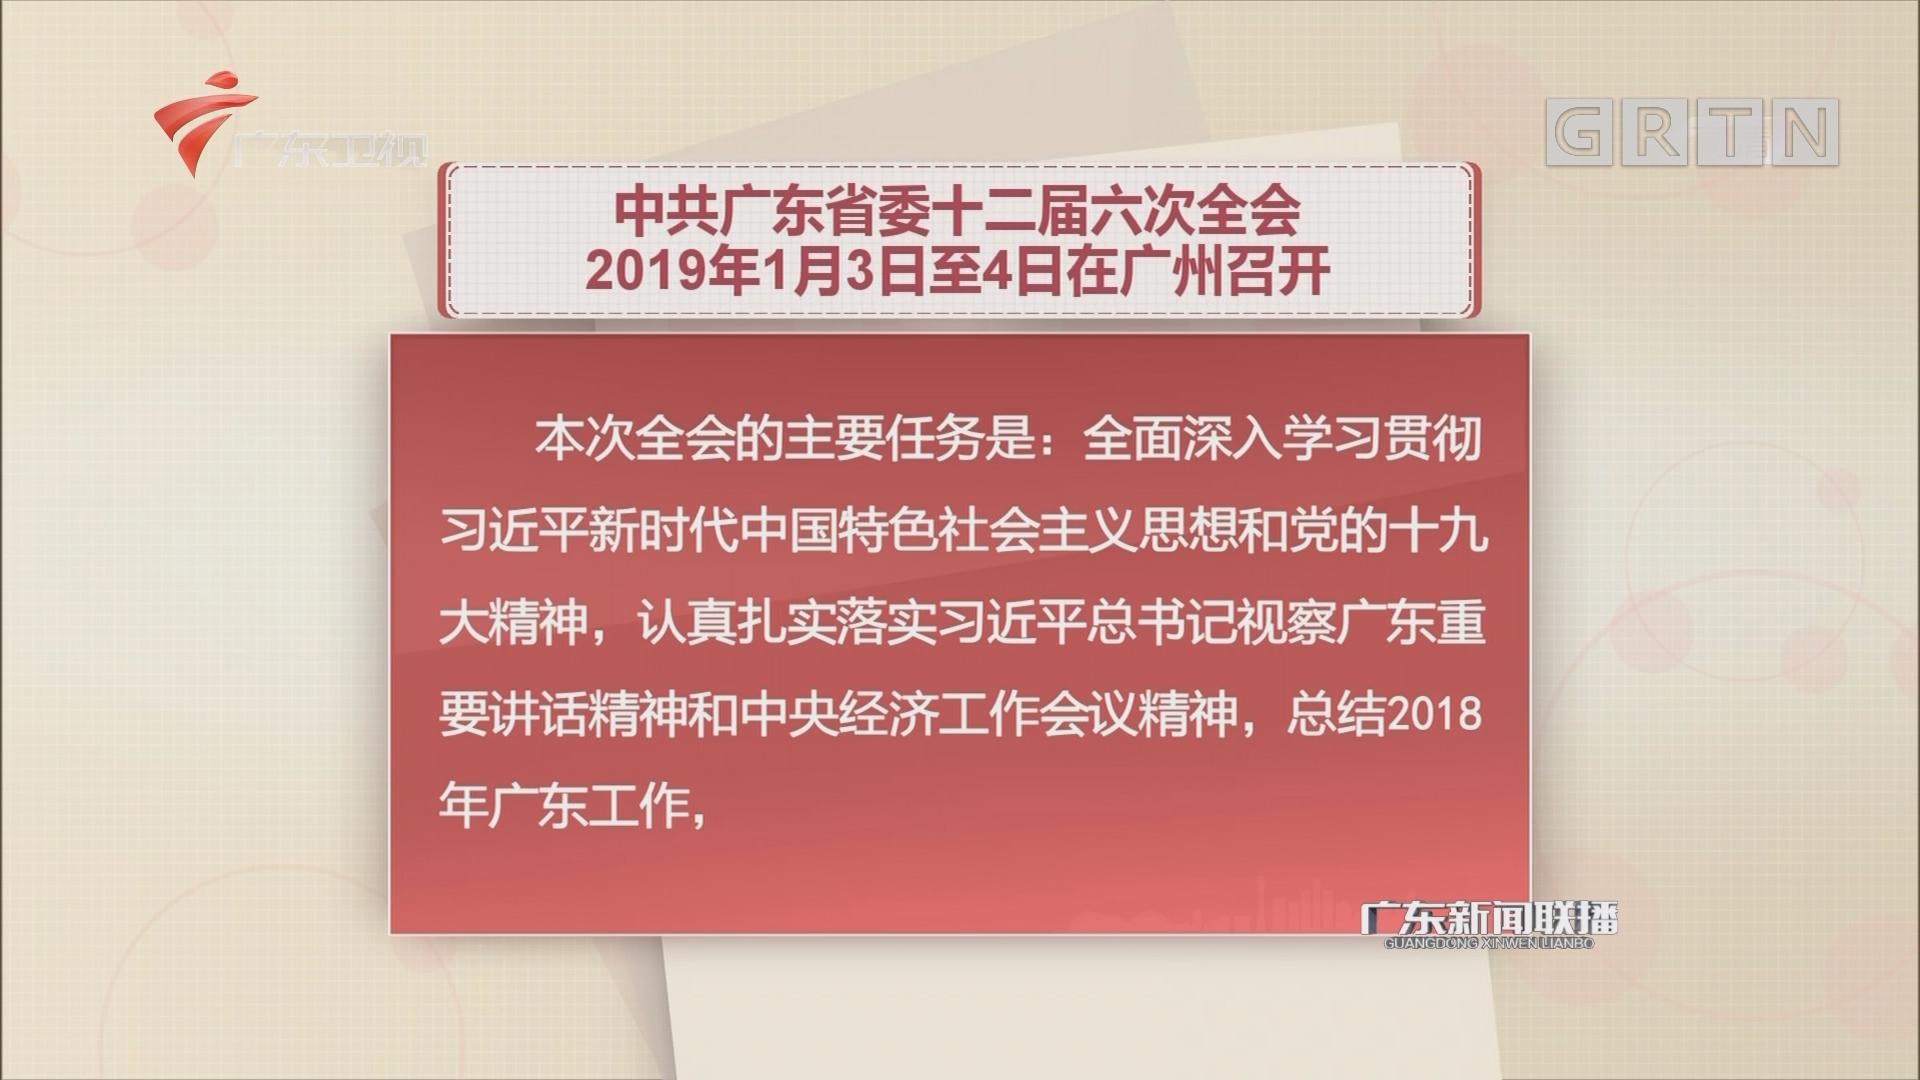 中共广东省委十二届六次全会2019年1月3日至4日在广州召开